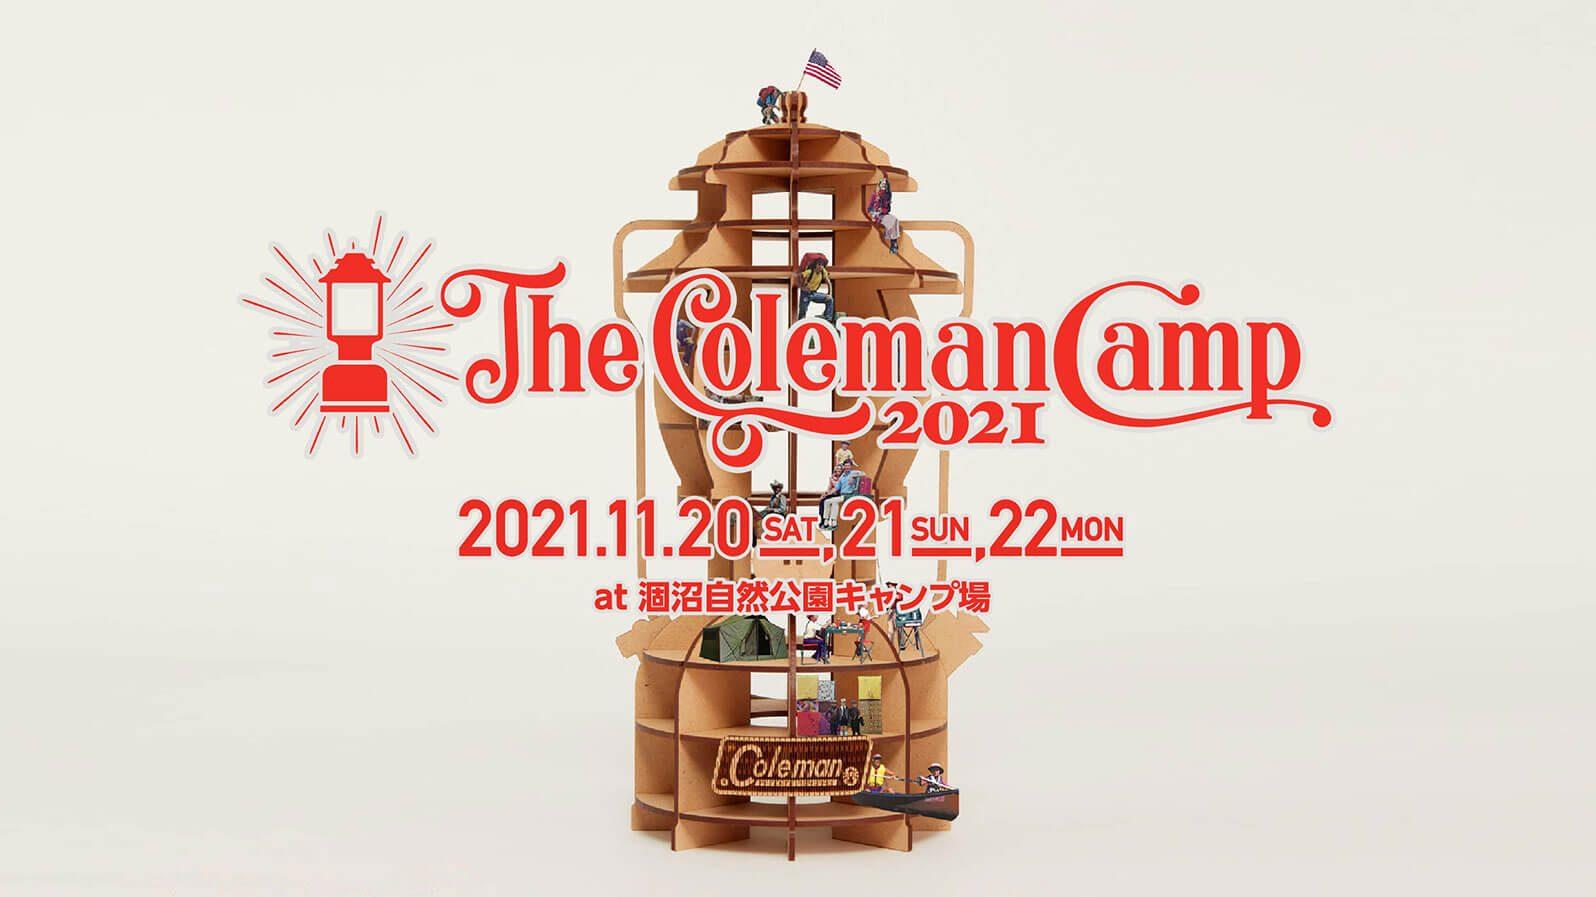 コールマンキャンプ2021